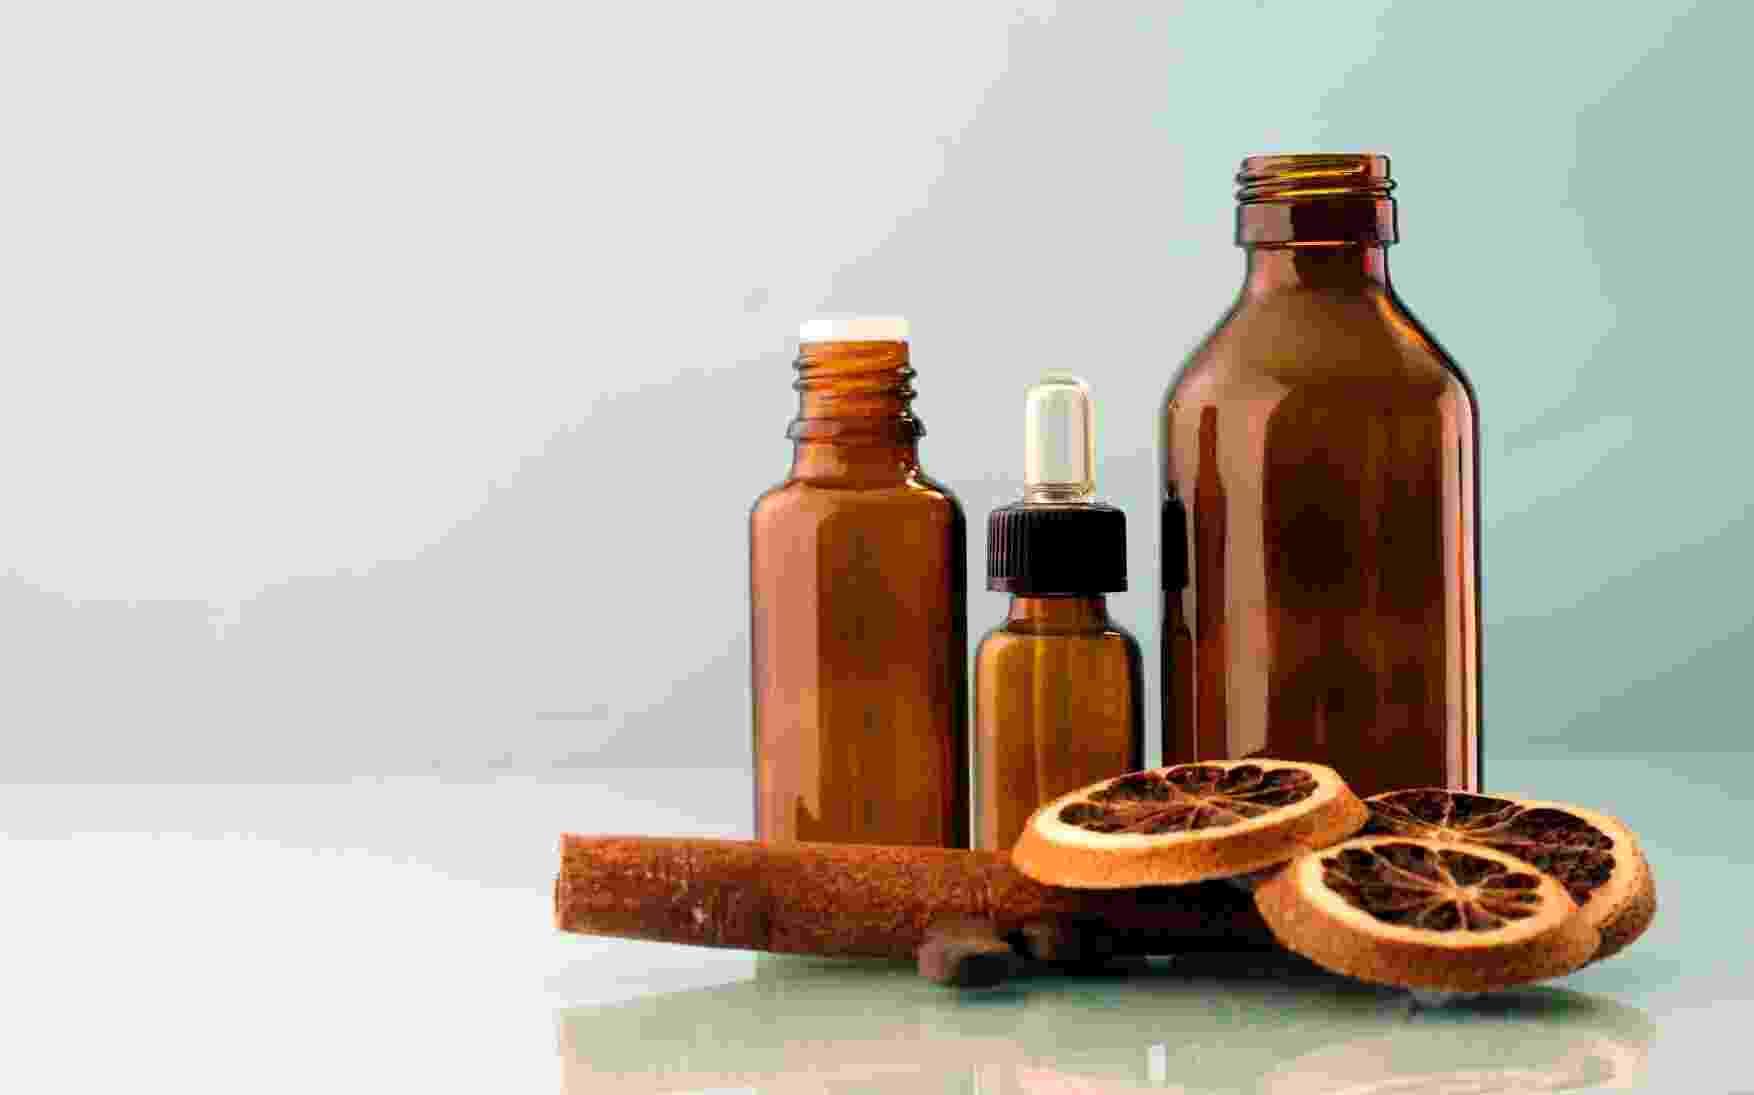 O que são óleos essenciais? - Getty Images